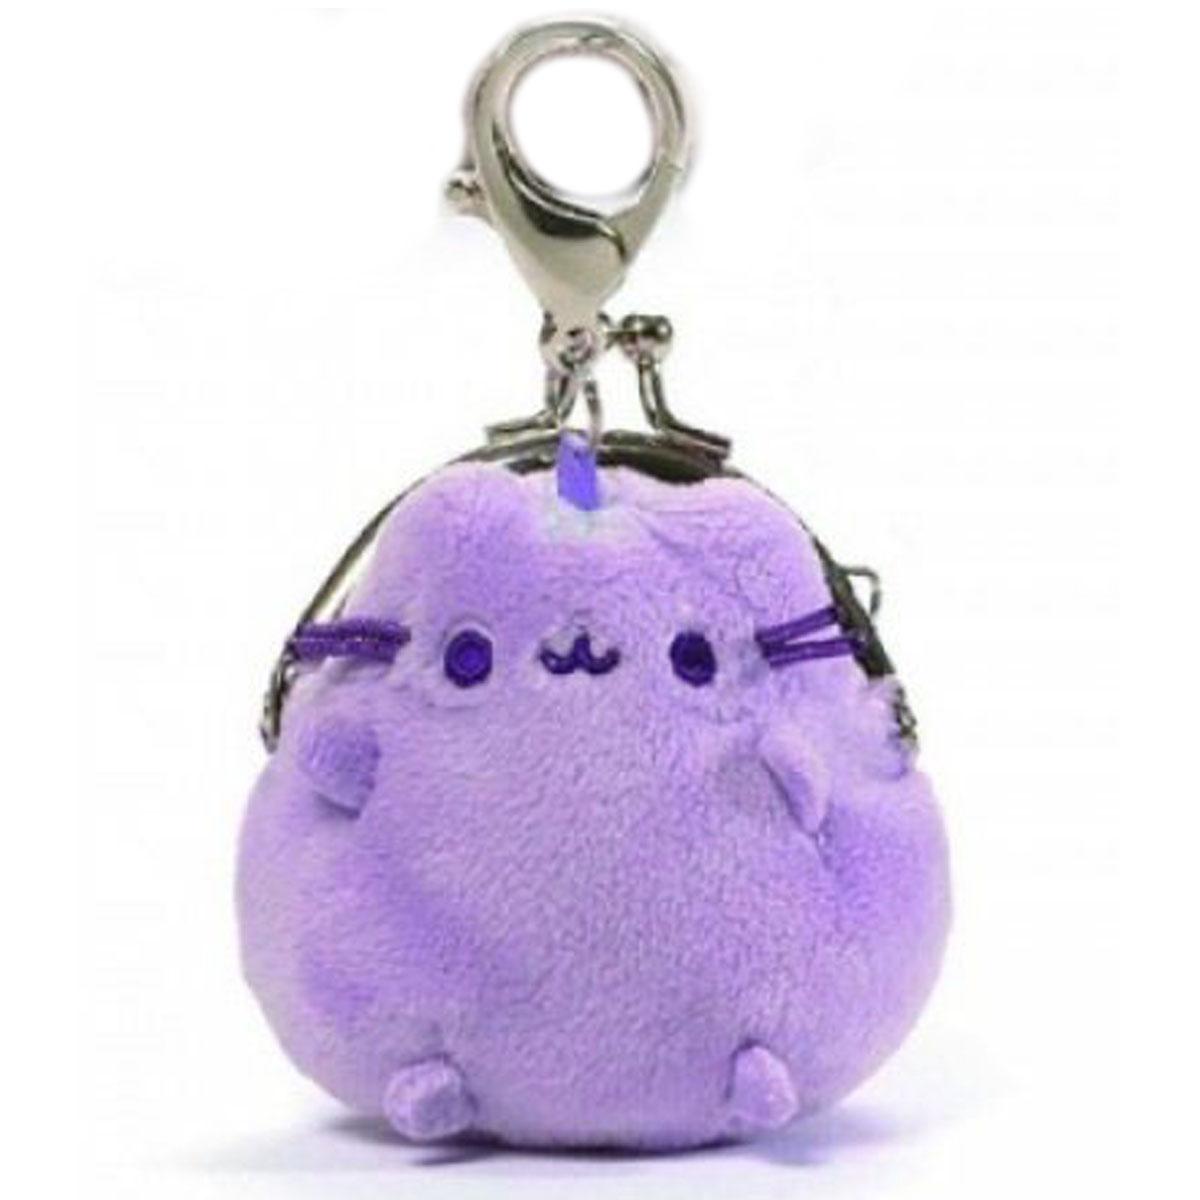 Porte-monnaie bourse peluche \'Pusheen\' violet - 75 cm (mousqueton) - [A2830]